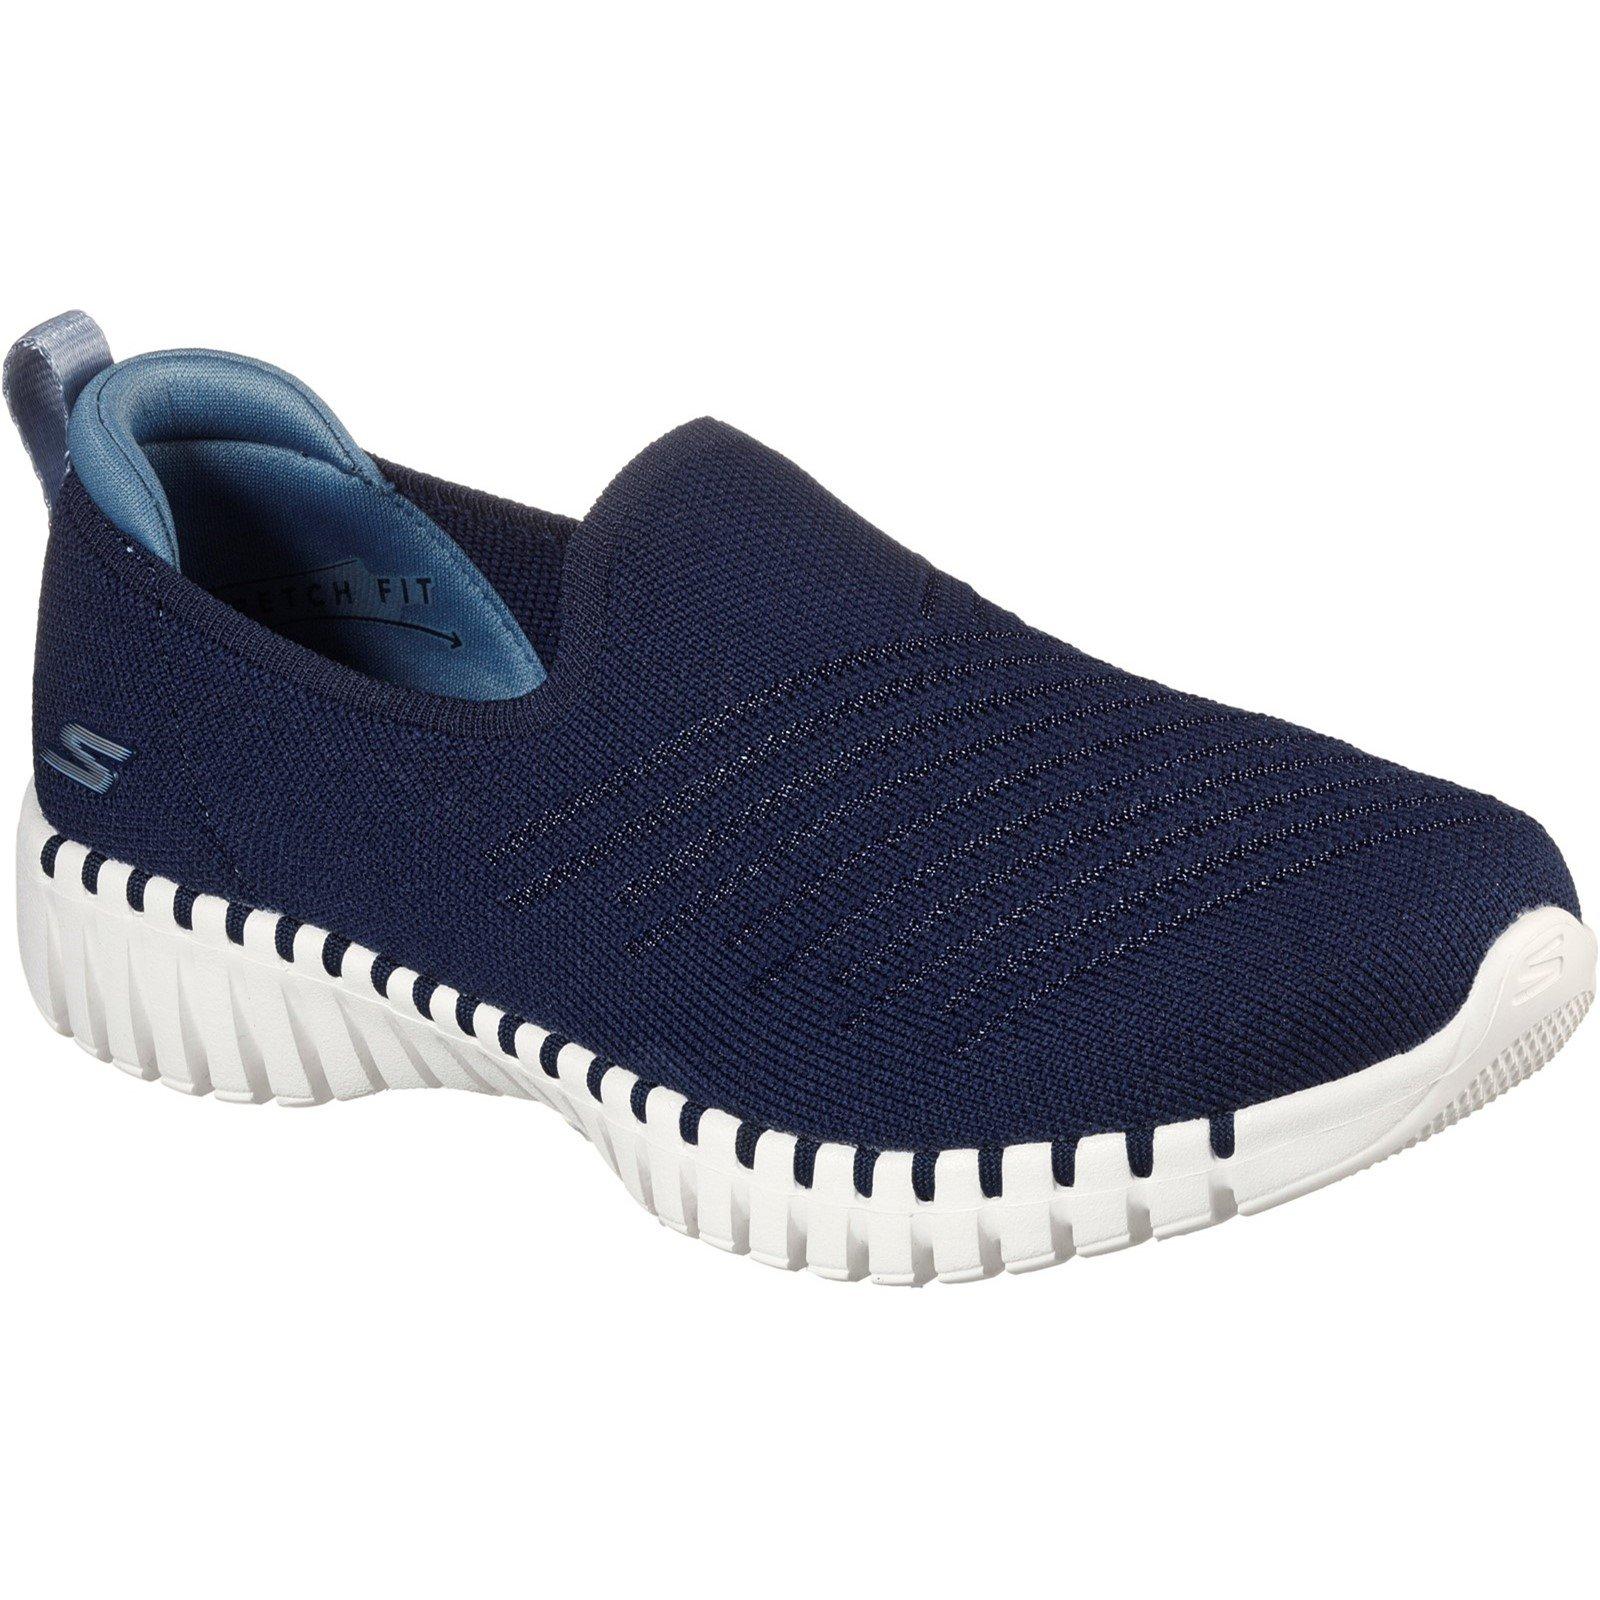 Skechers Women's Go Walk Smart Brunch Slip On Trainer Various Colours 32146 - Navy/Blue 7